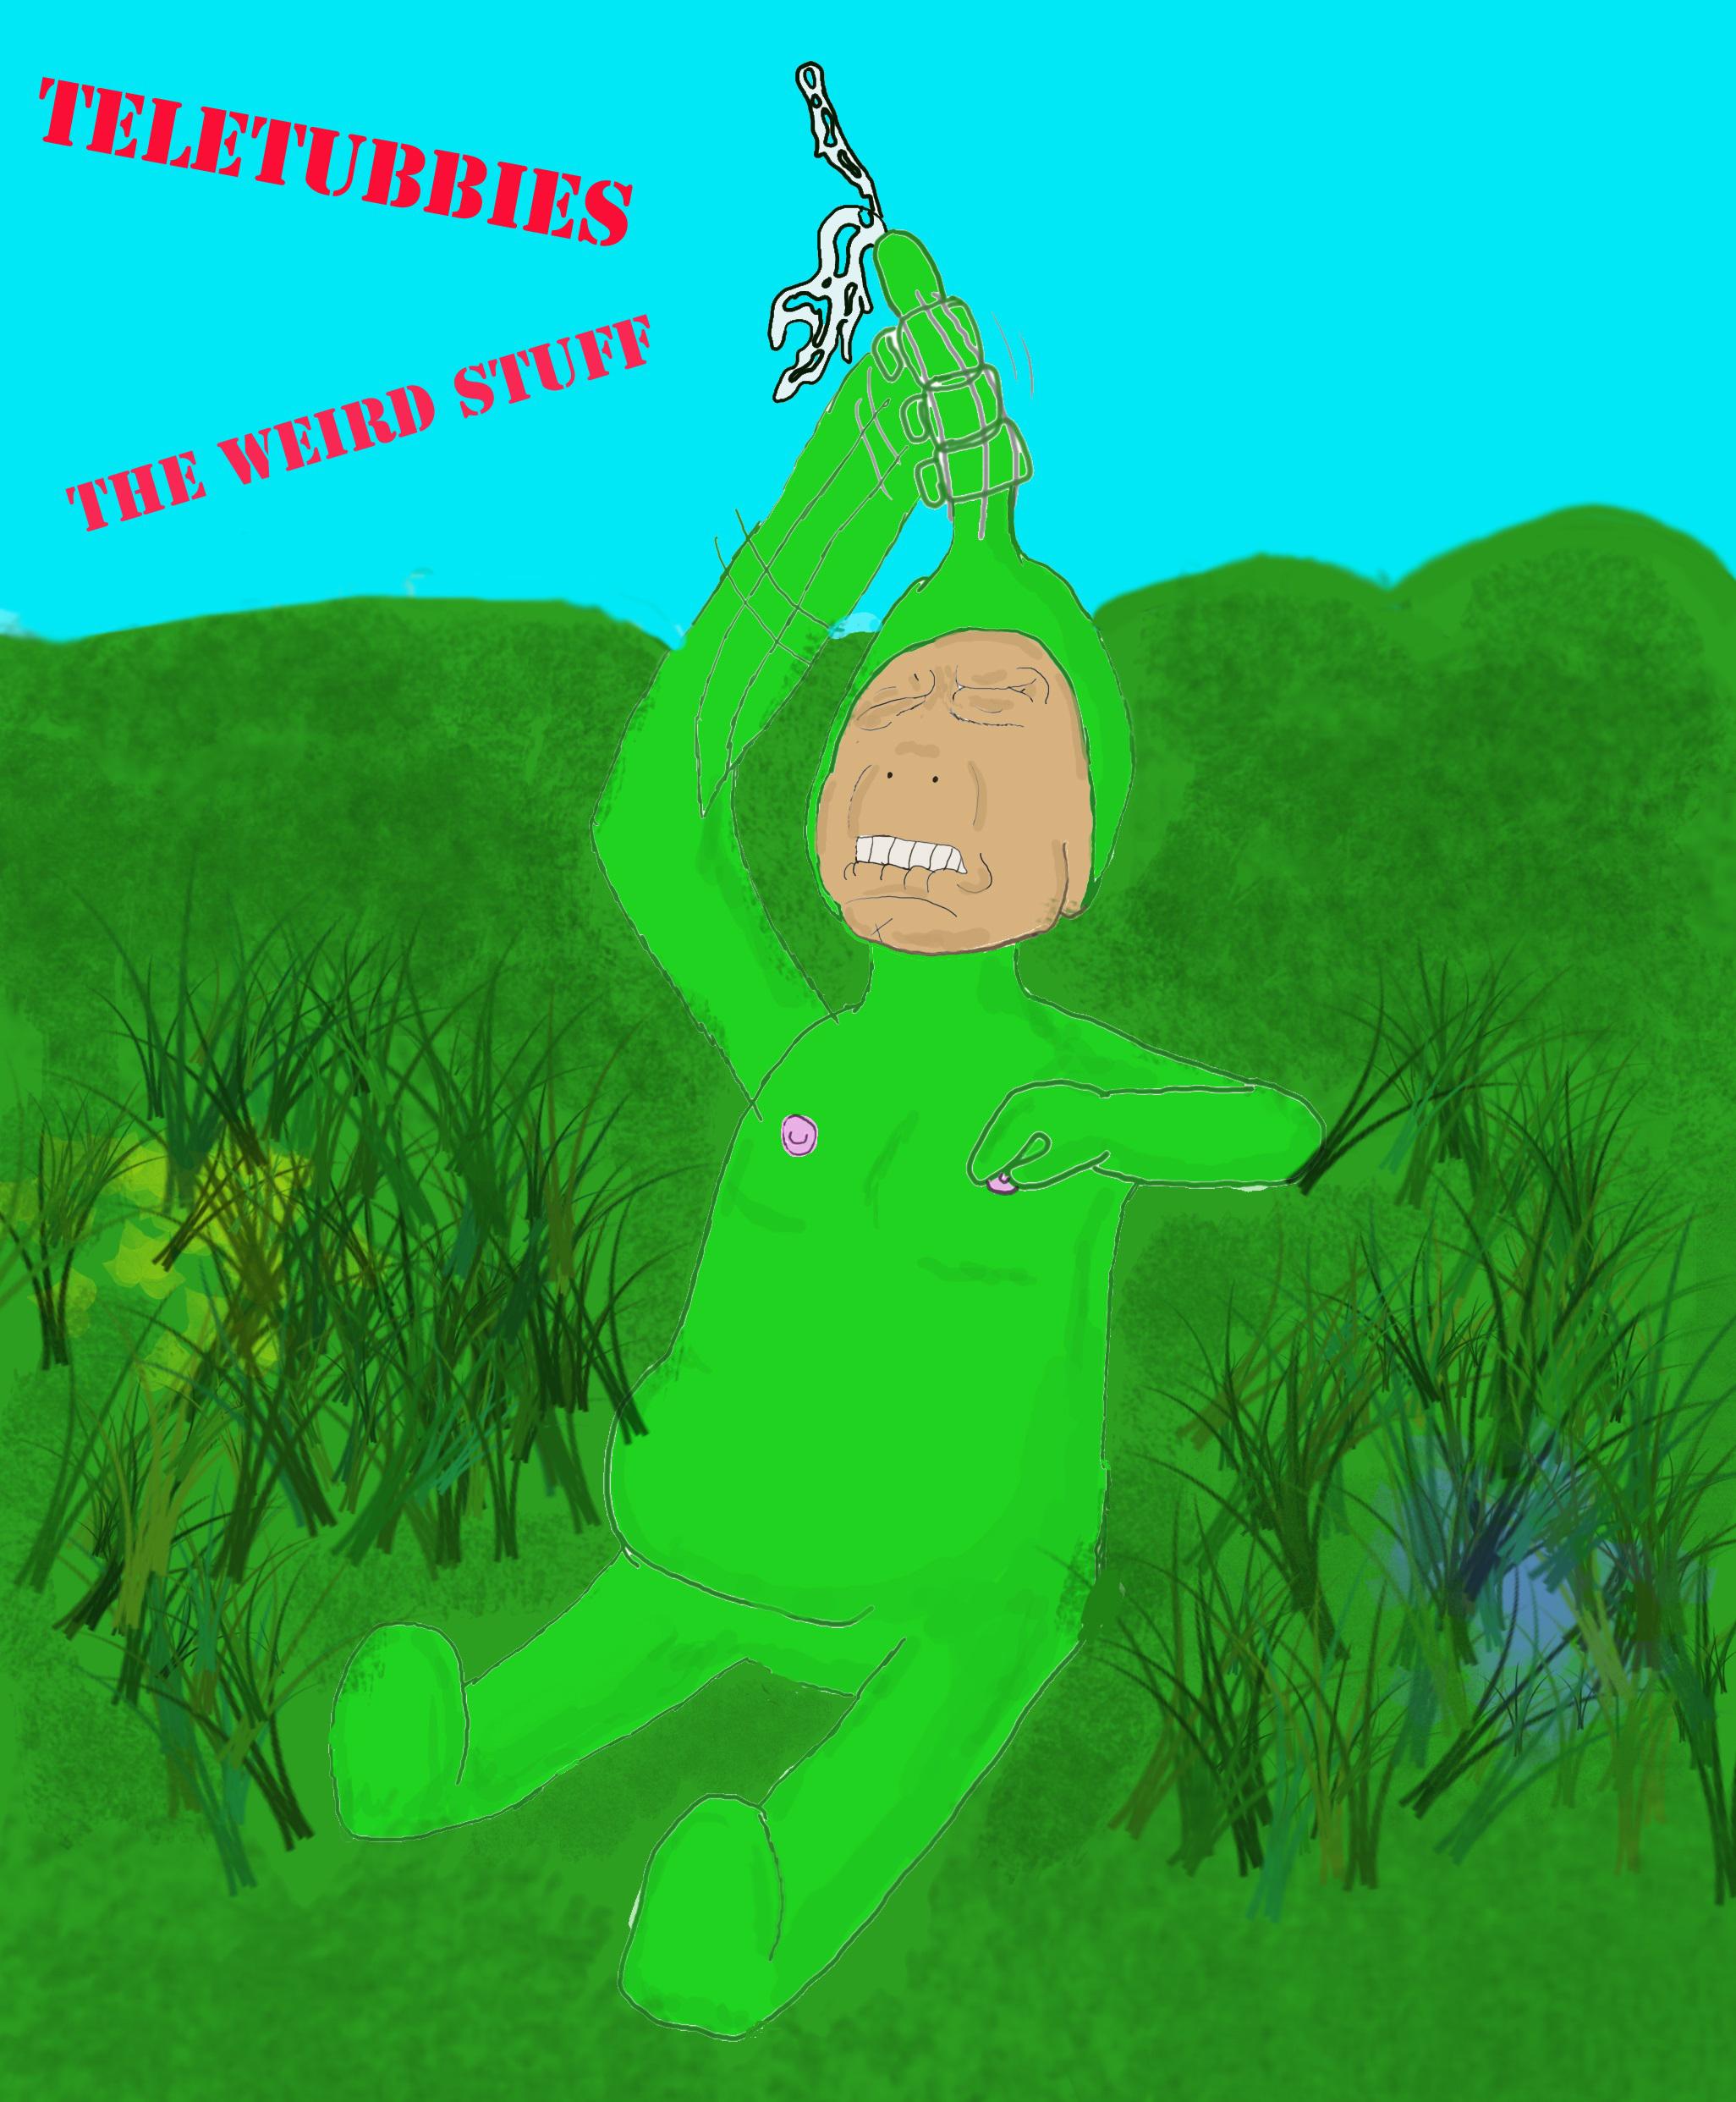 title: Teletubbies- the weird stuff #2